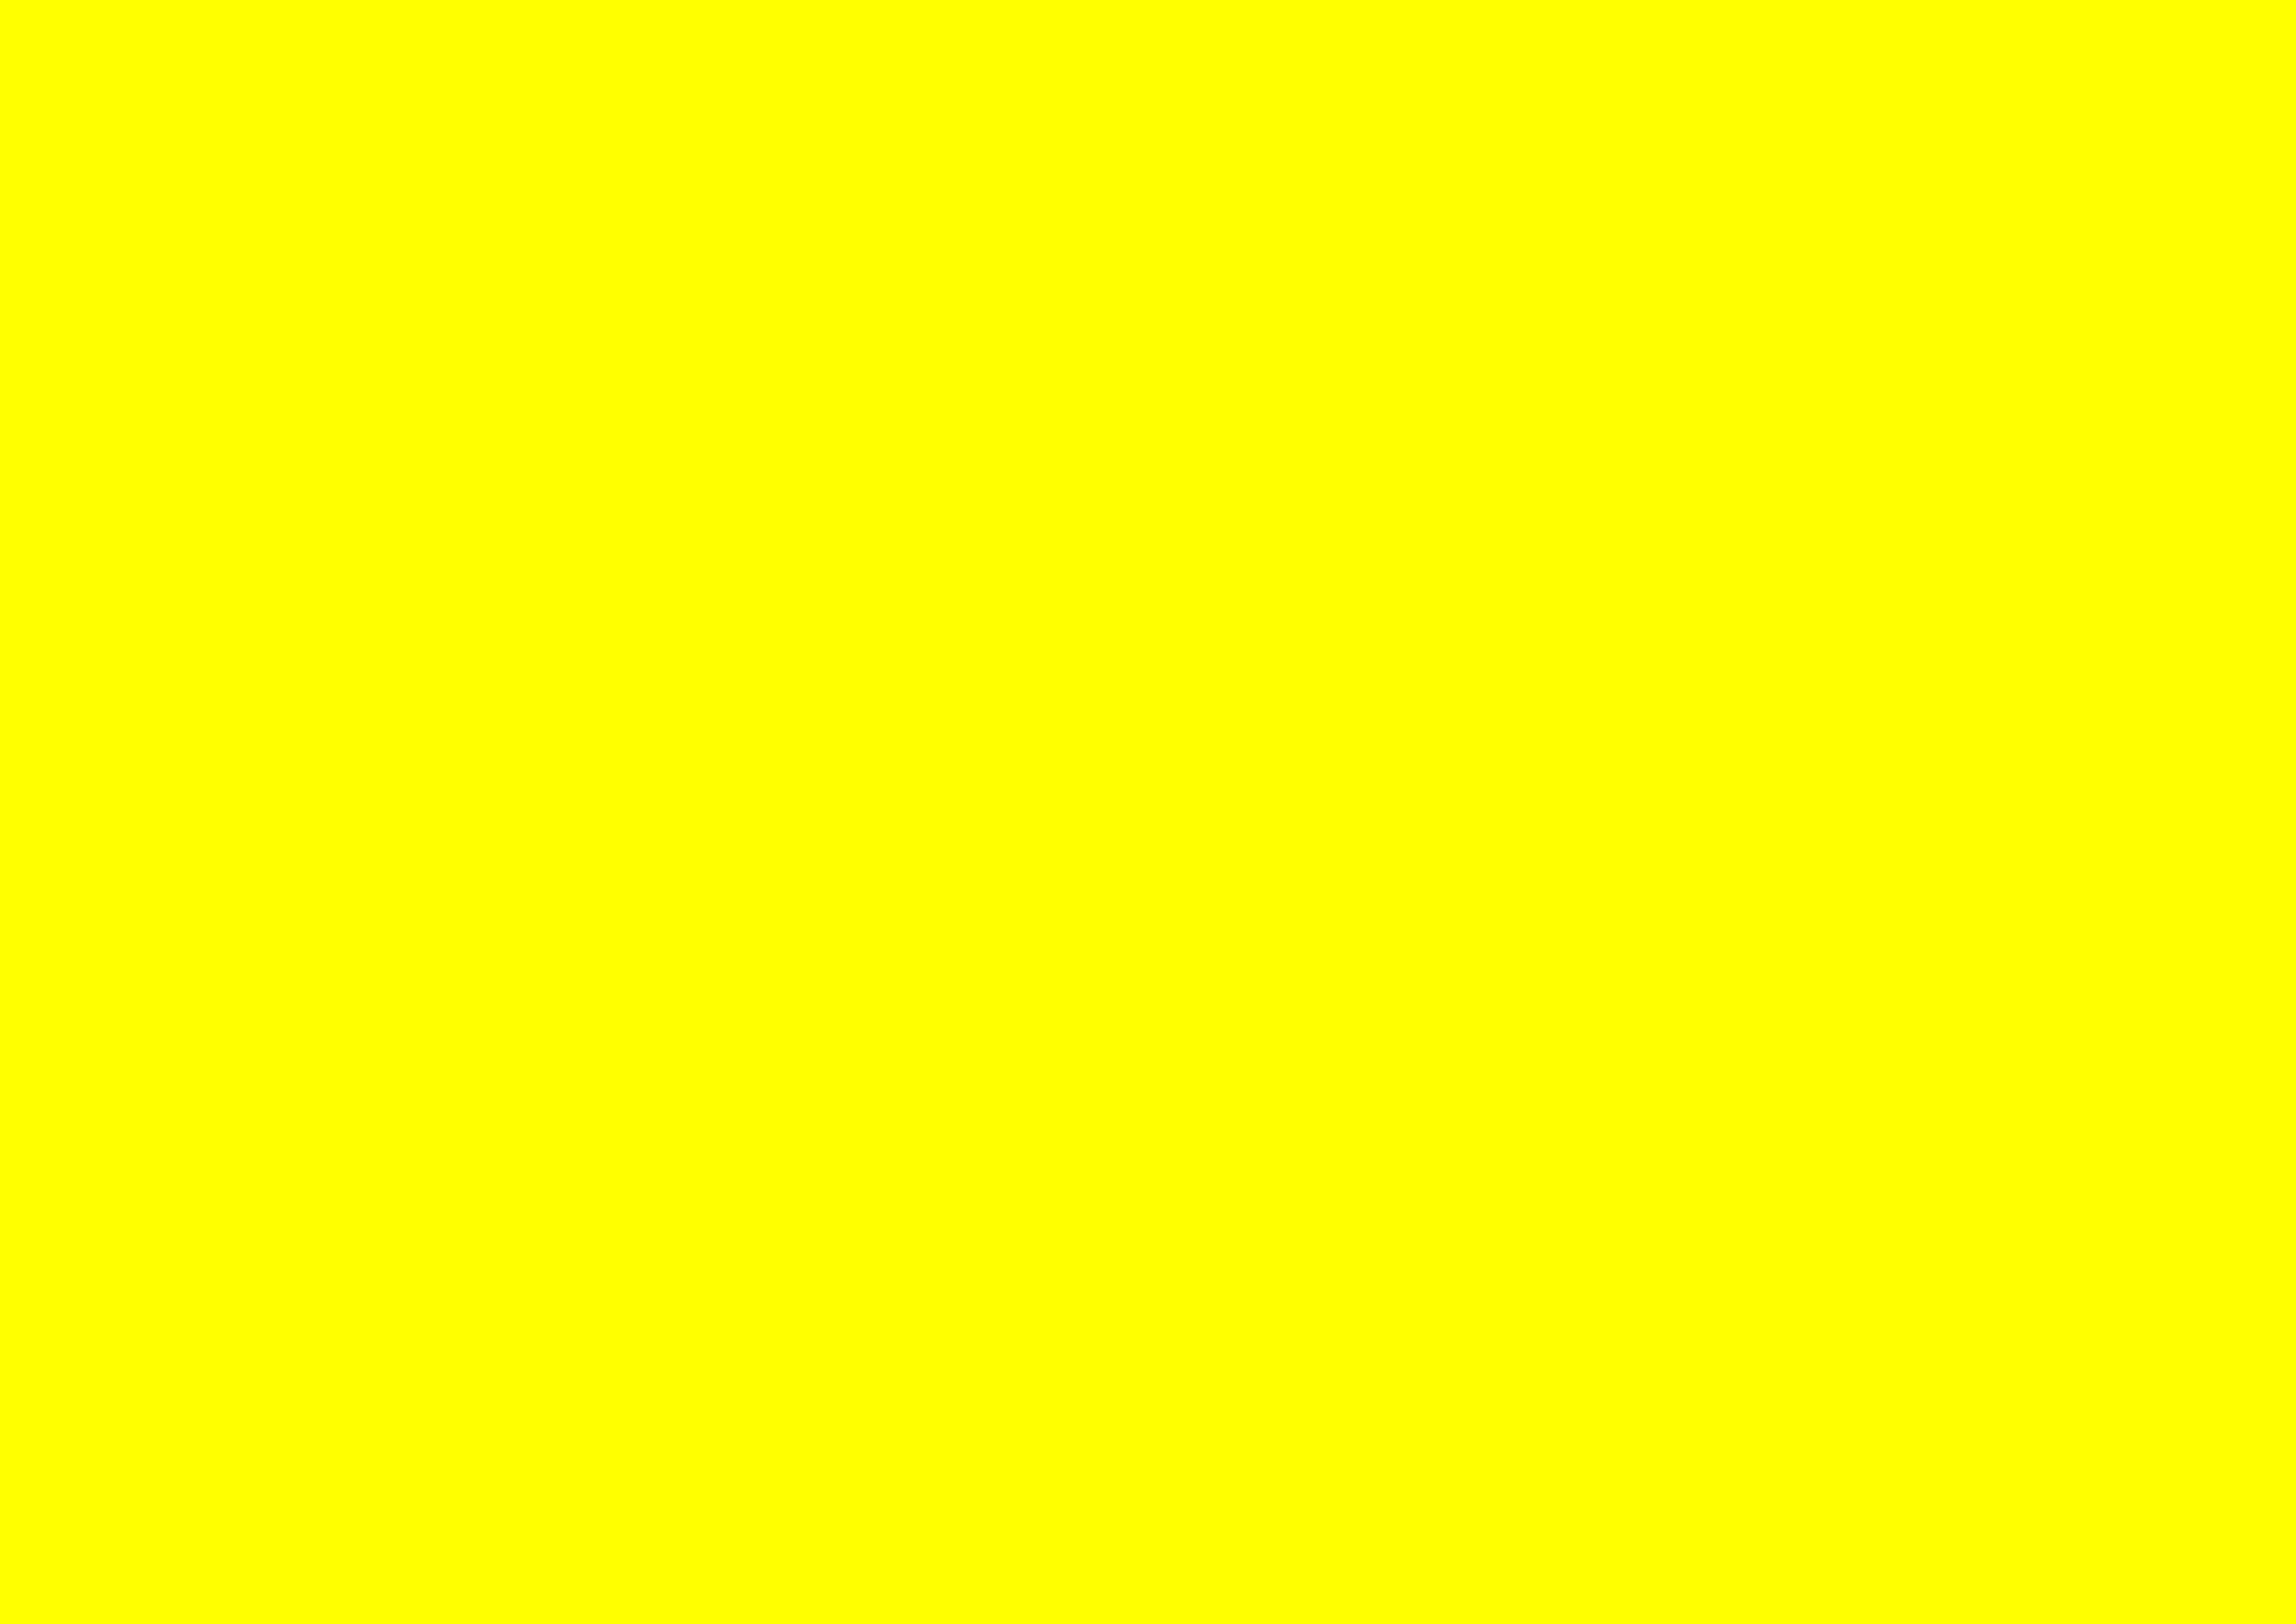 Как сделать темный желтый цвет